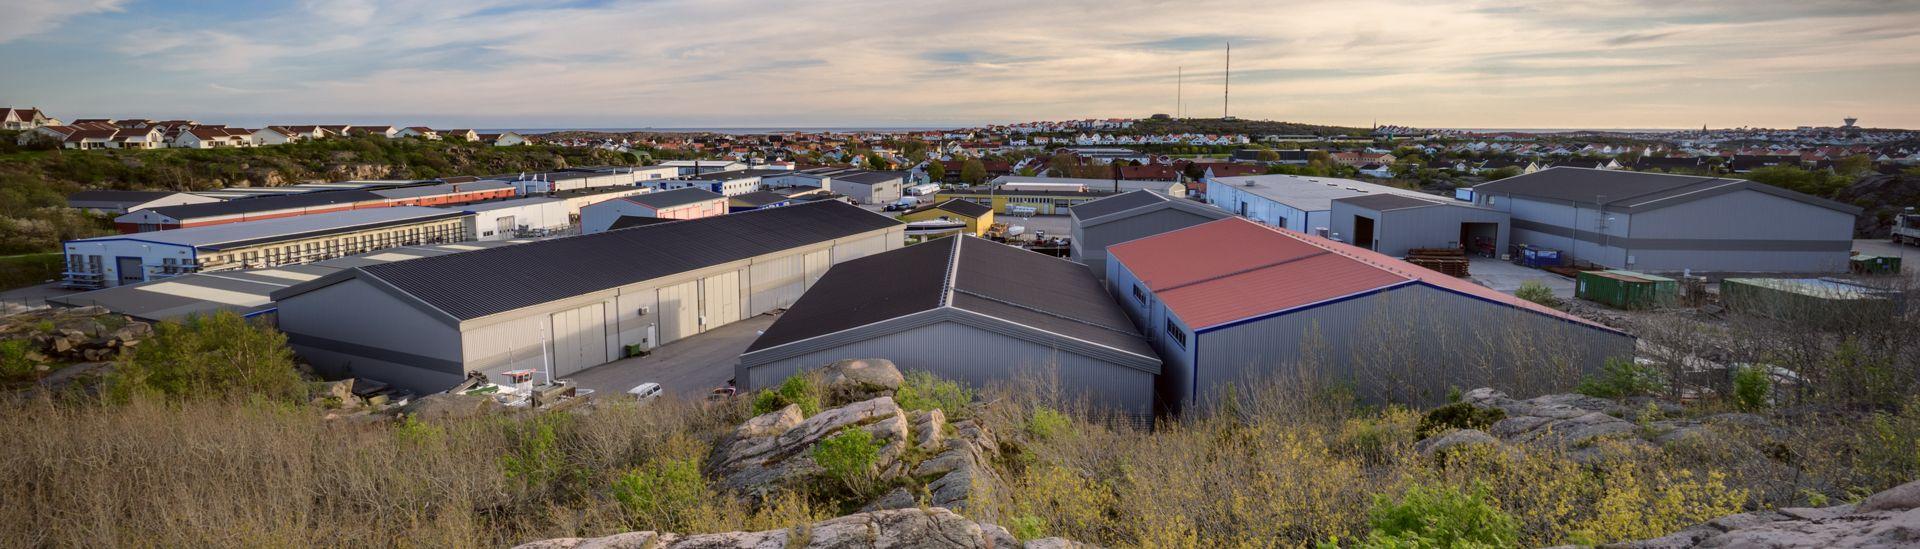 Výrobní závod LLENTAB v Kungshamnu